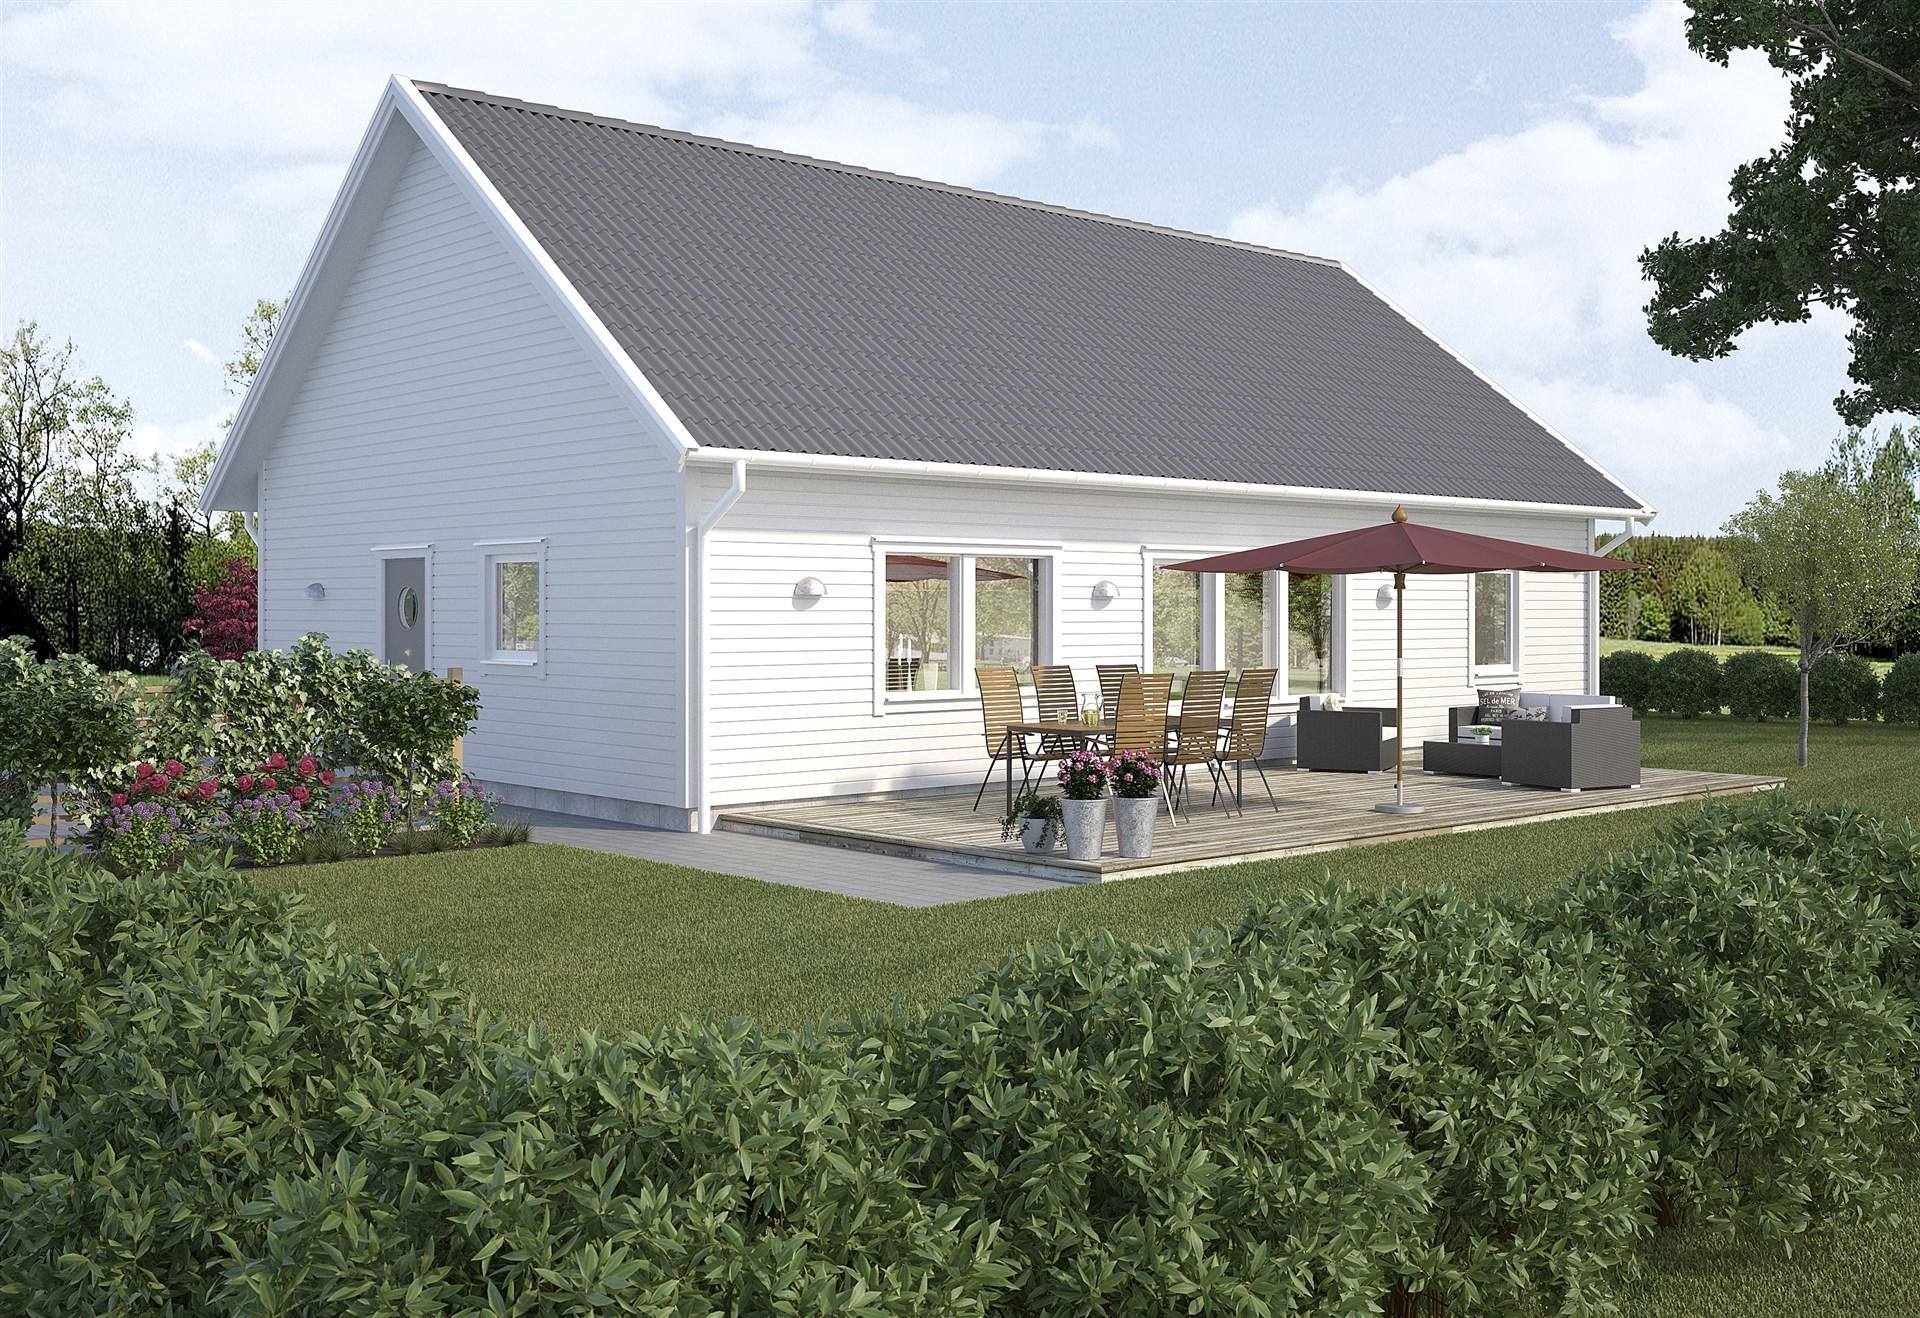 Det här huset är ett förslag från Varbergshus på vad du kan bygga på denna tomten!